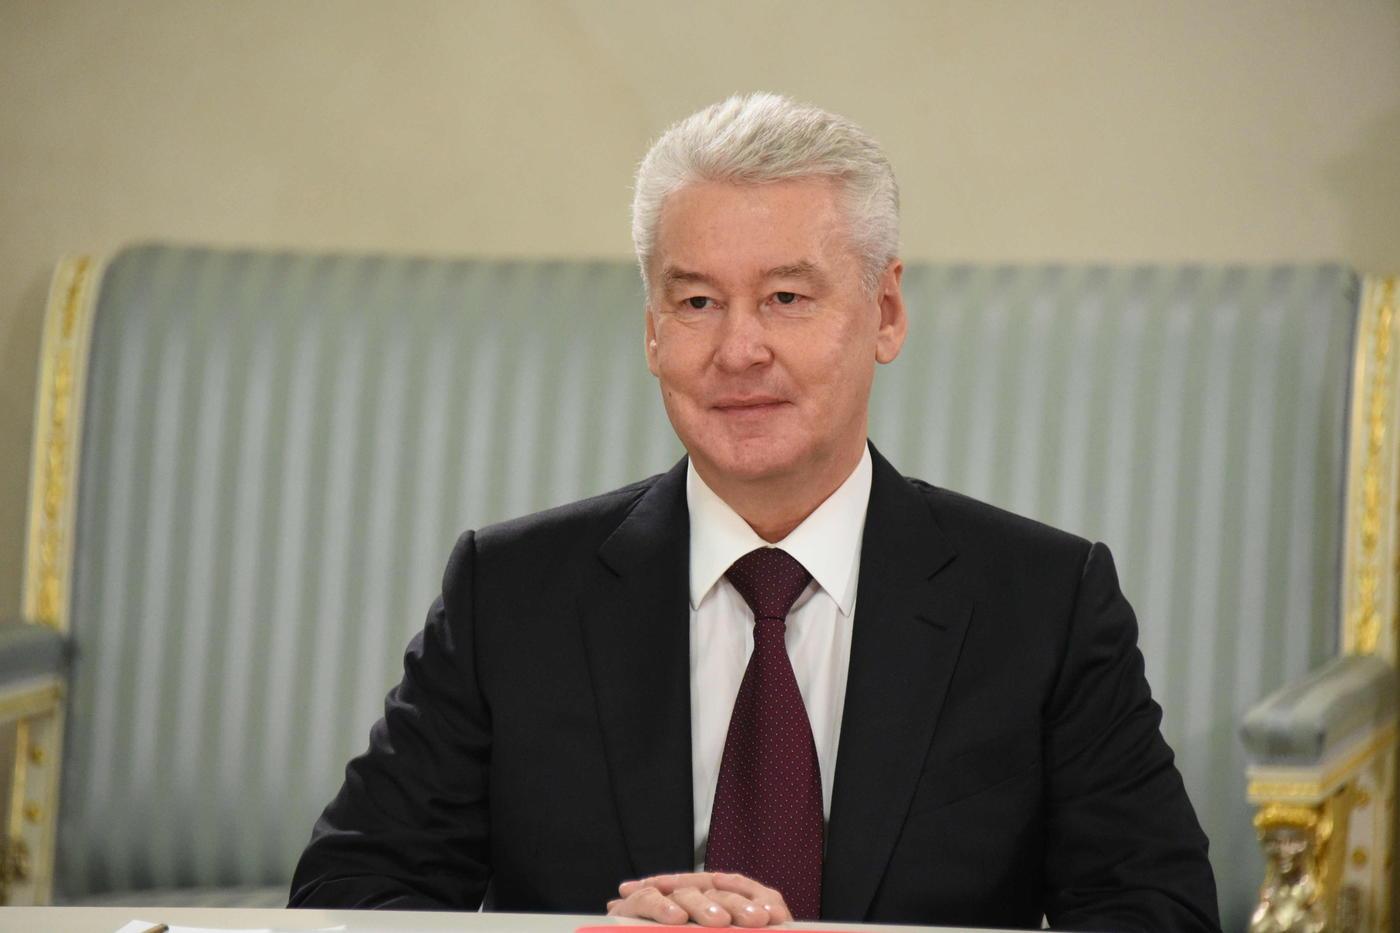 Мэр Москвы Собянин назвал бредом информацию о том, что футбольный клуб «Локомотив» переедет в Лужники - фото